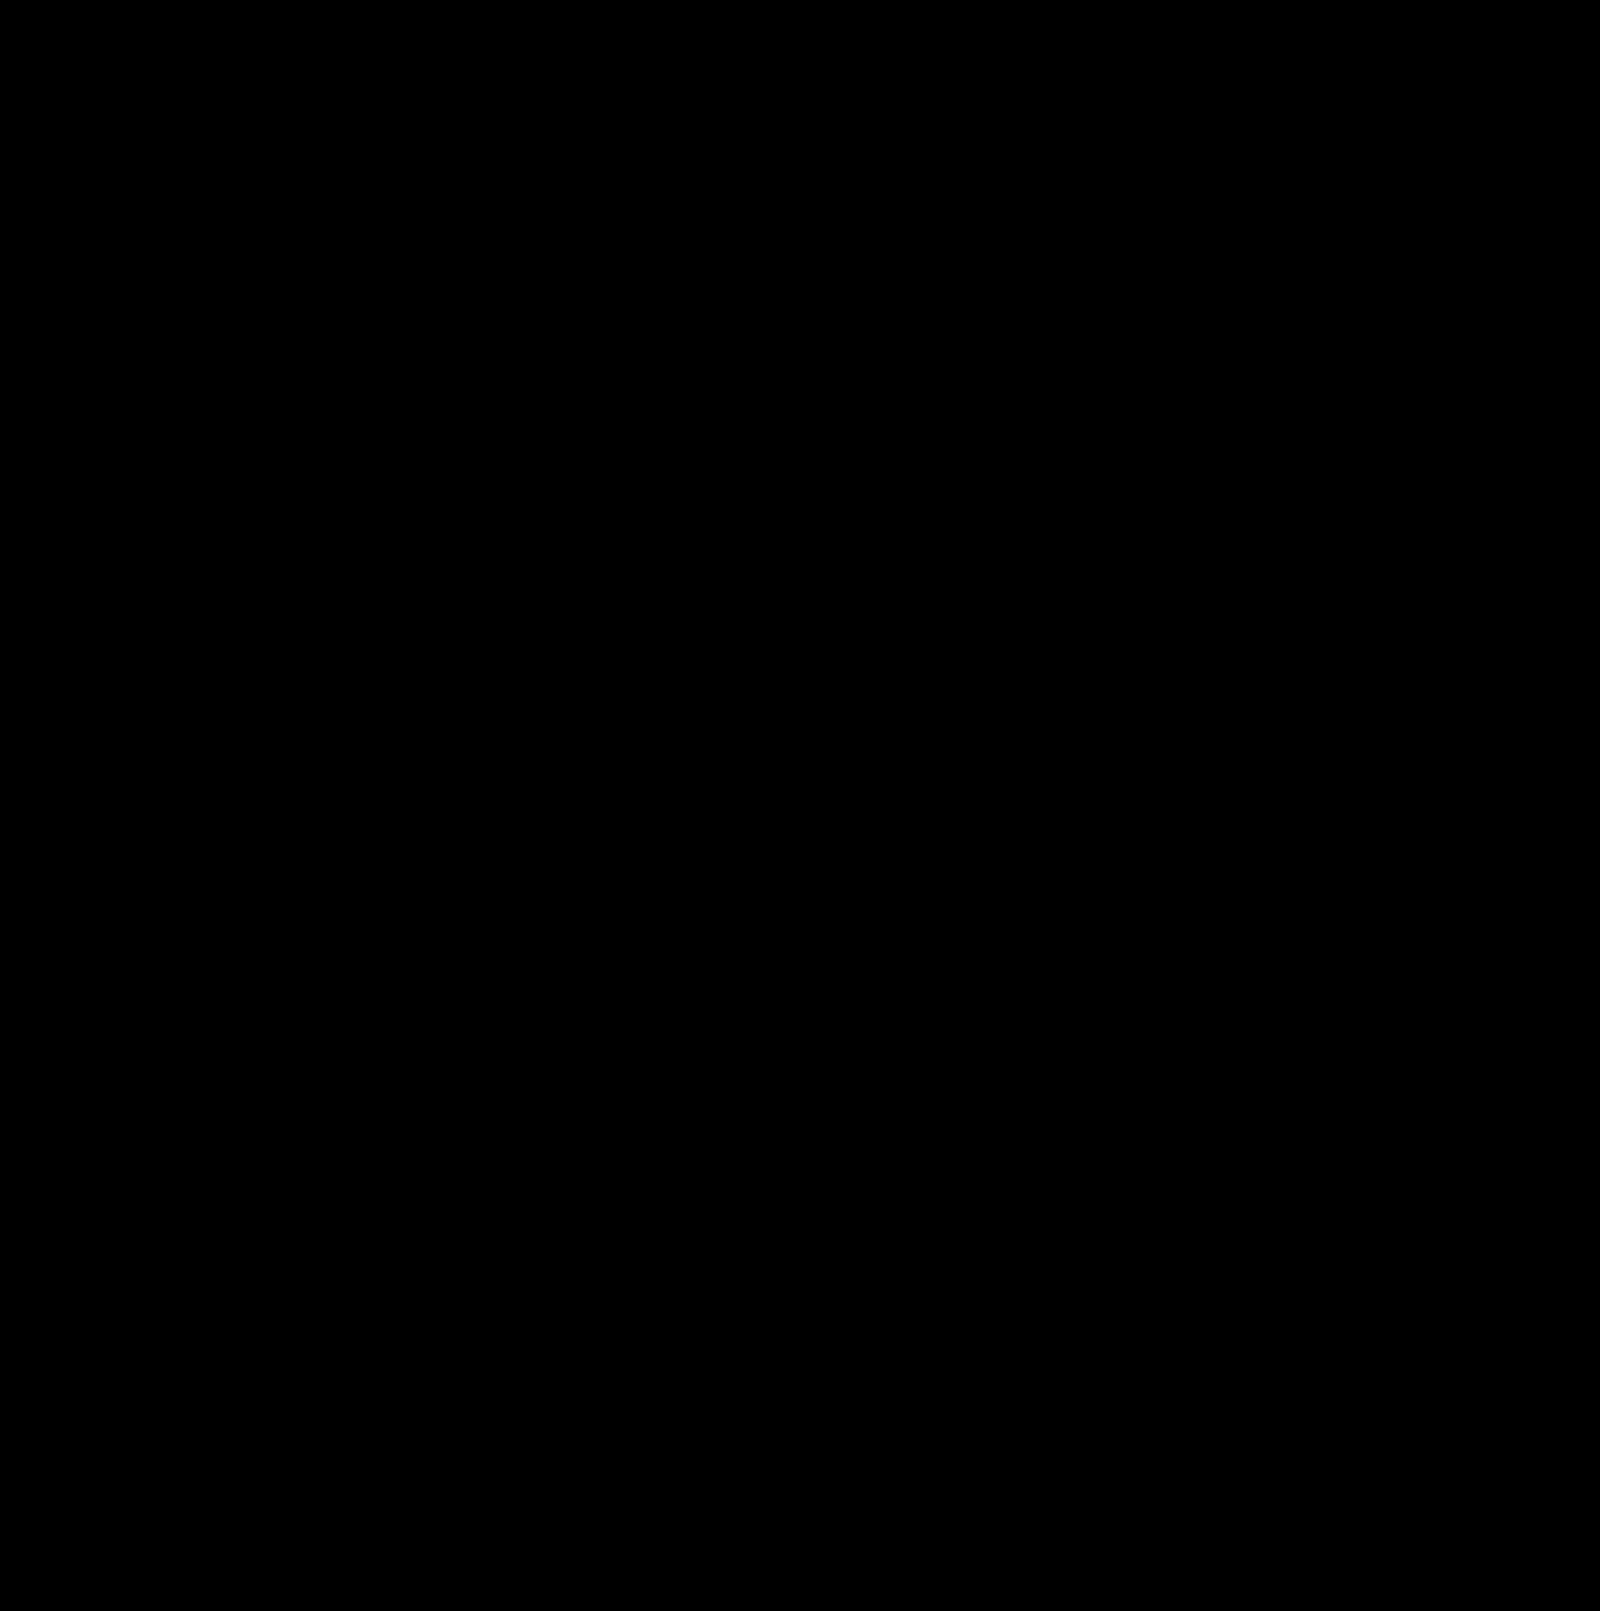 Les eaux de Mars II – Technique mixte sur toile 70x70cm 2017